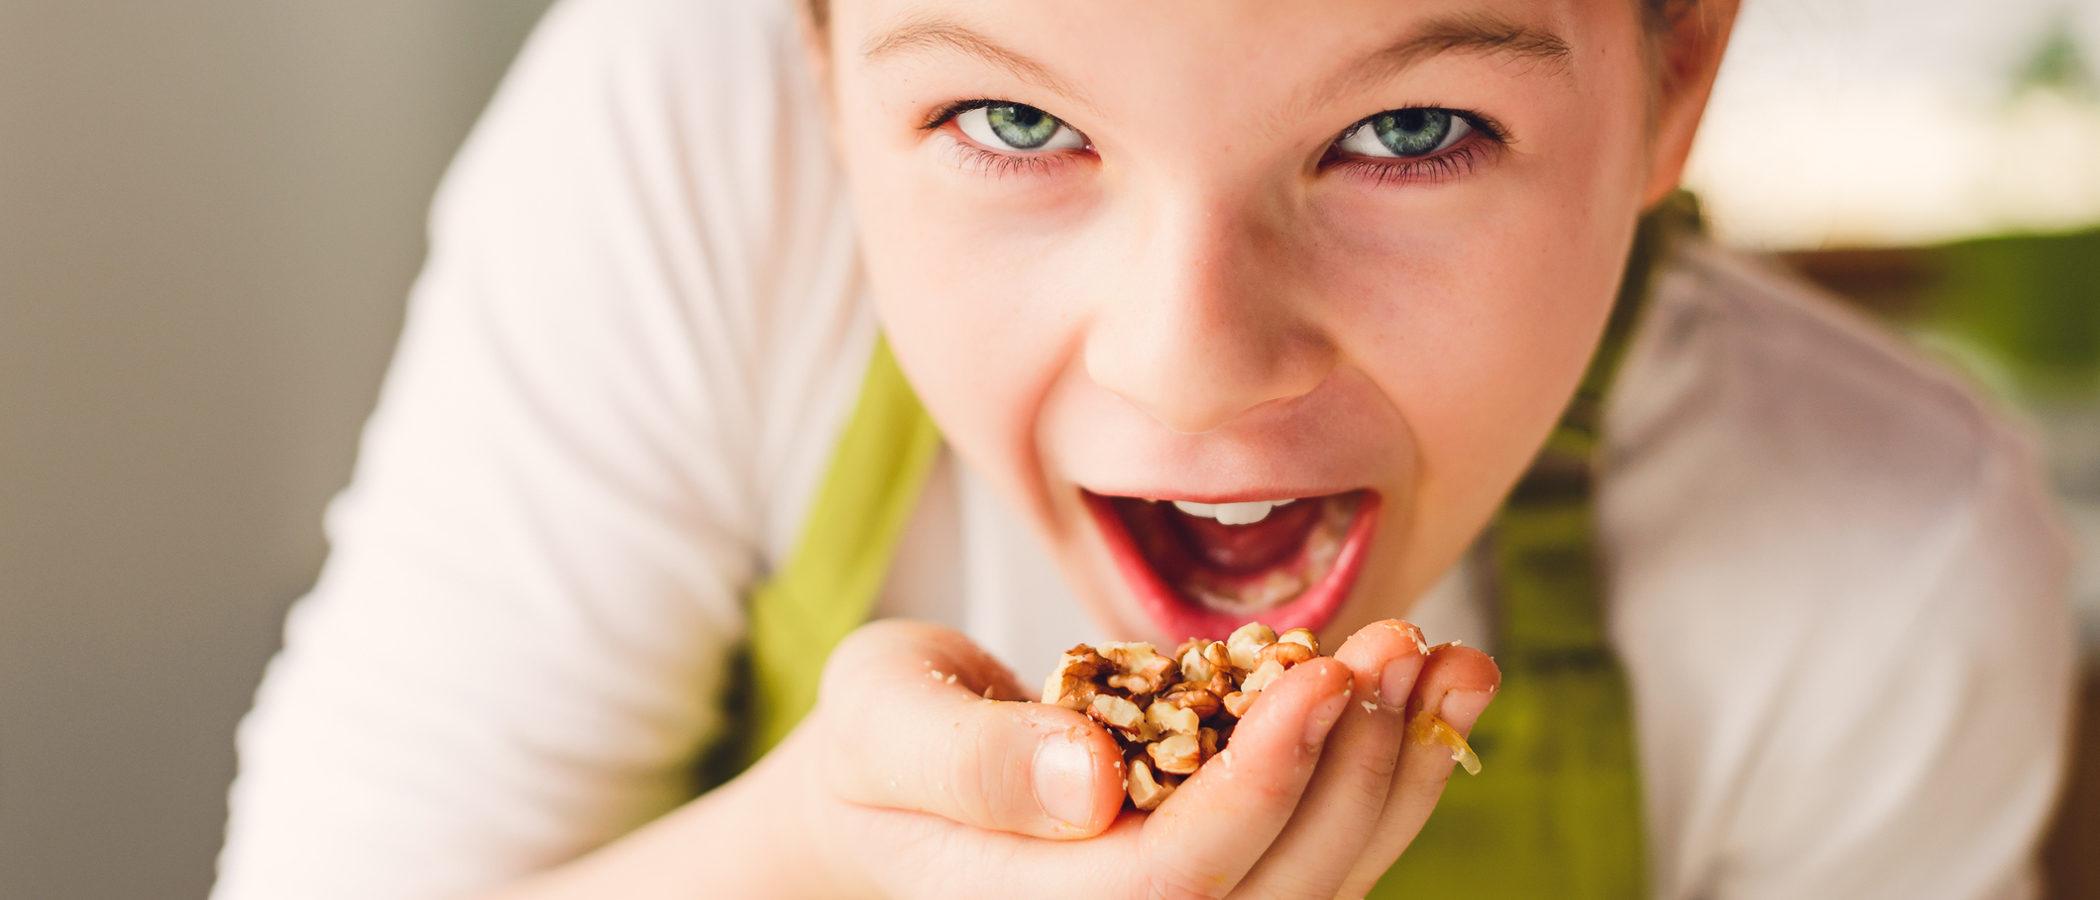 ¿Pueden comer frutos secos los niños pequeños?